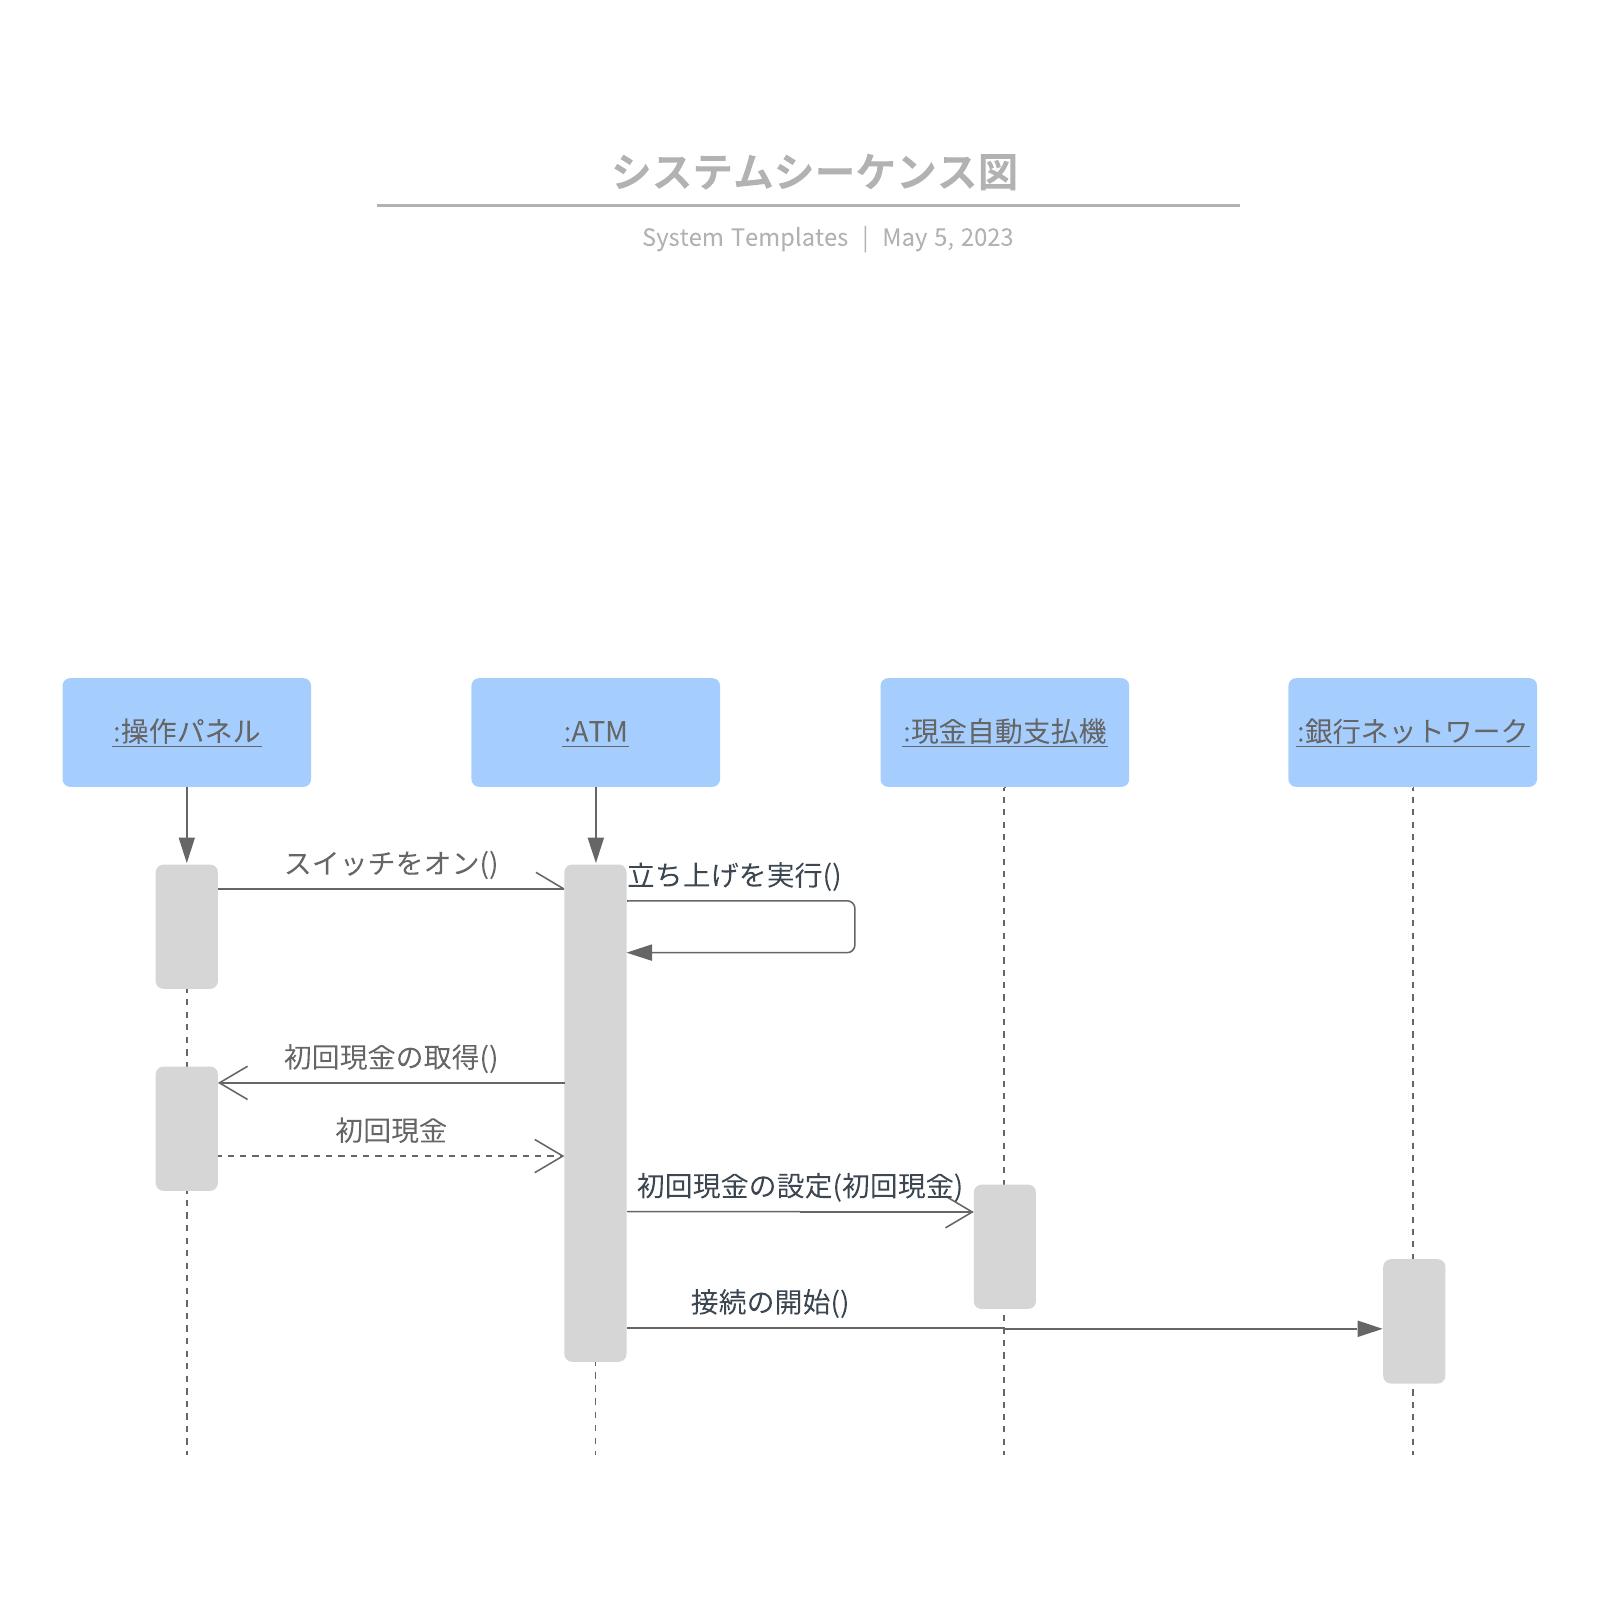 シーケンス図テンプレート